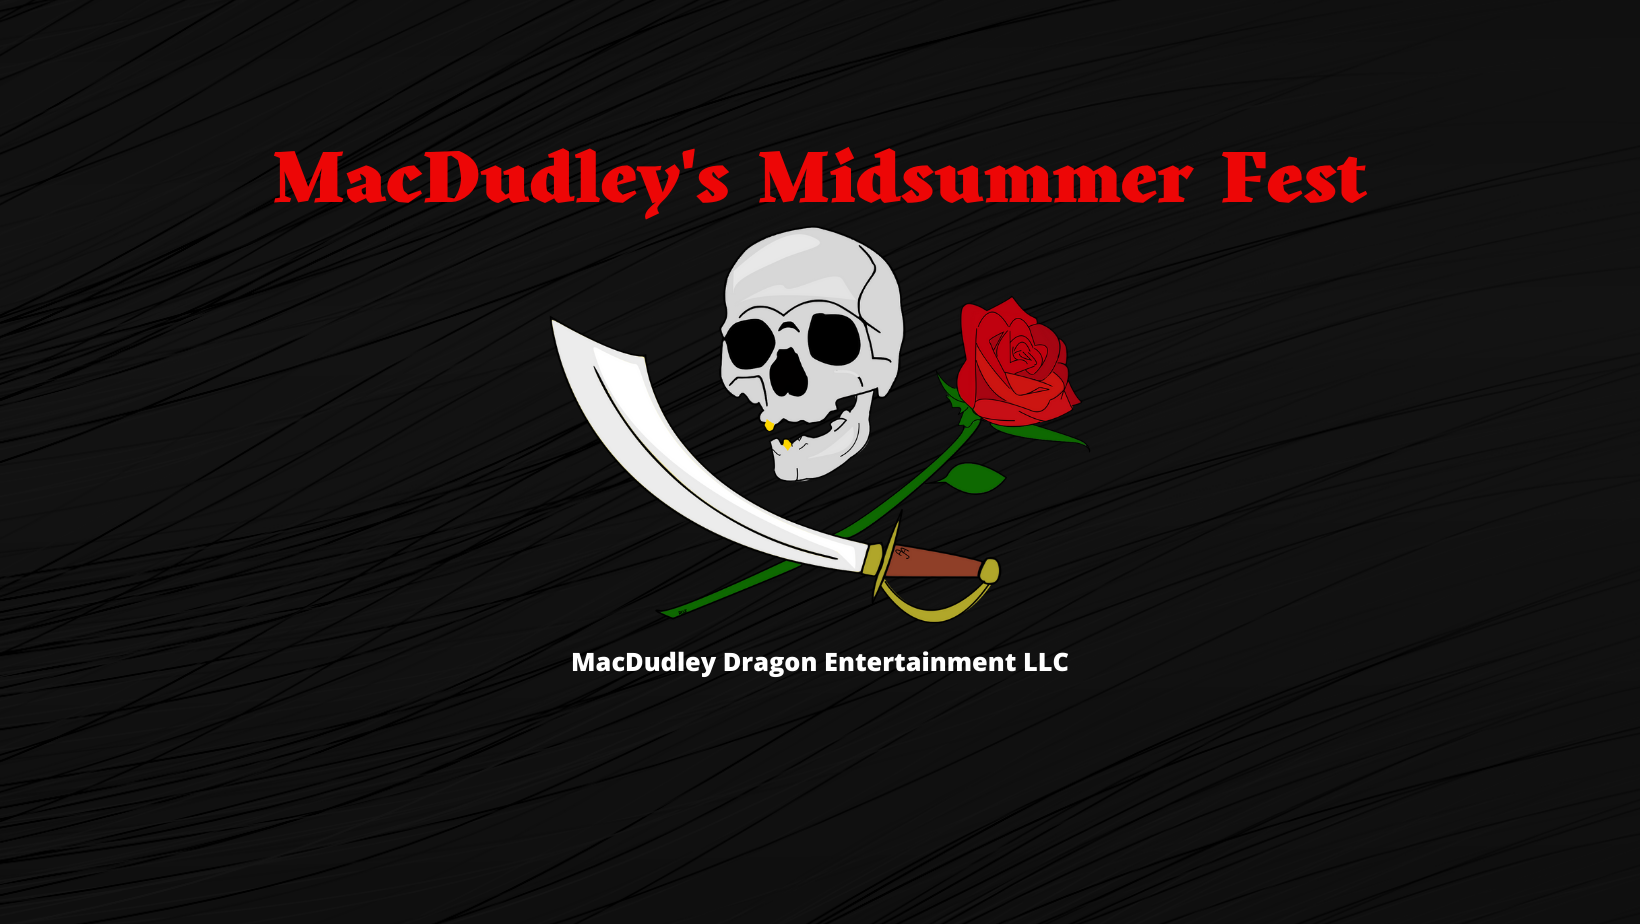 MacDudley's Midsummer Festival